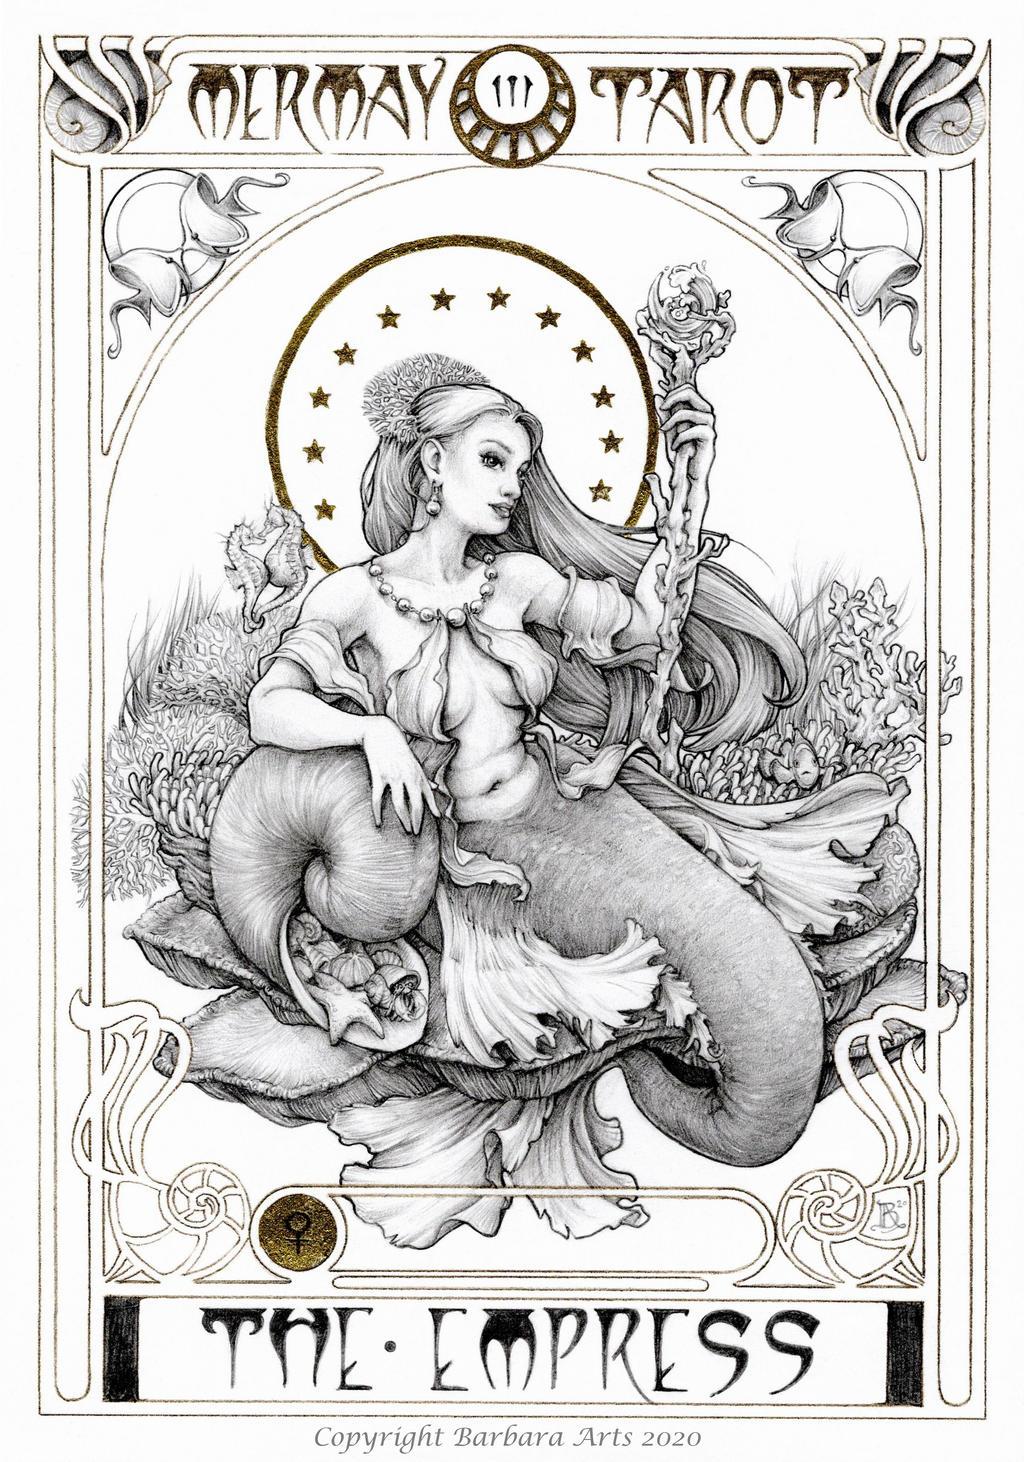 MerMay 2020 Tarot - 3. The Empress